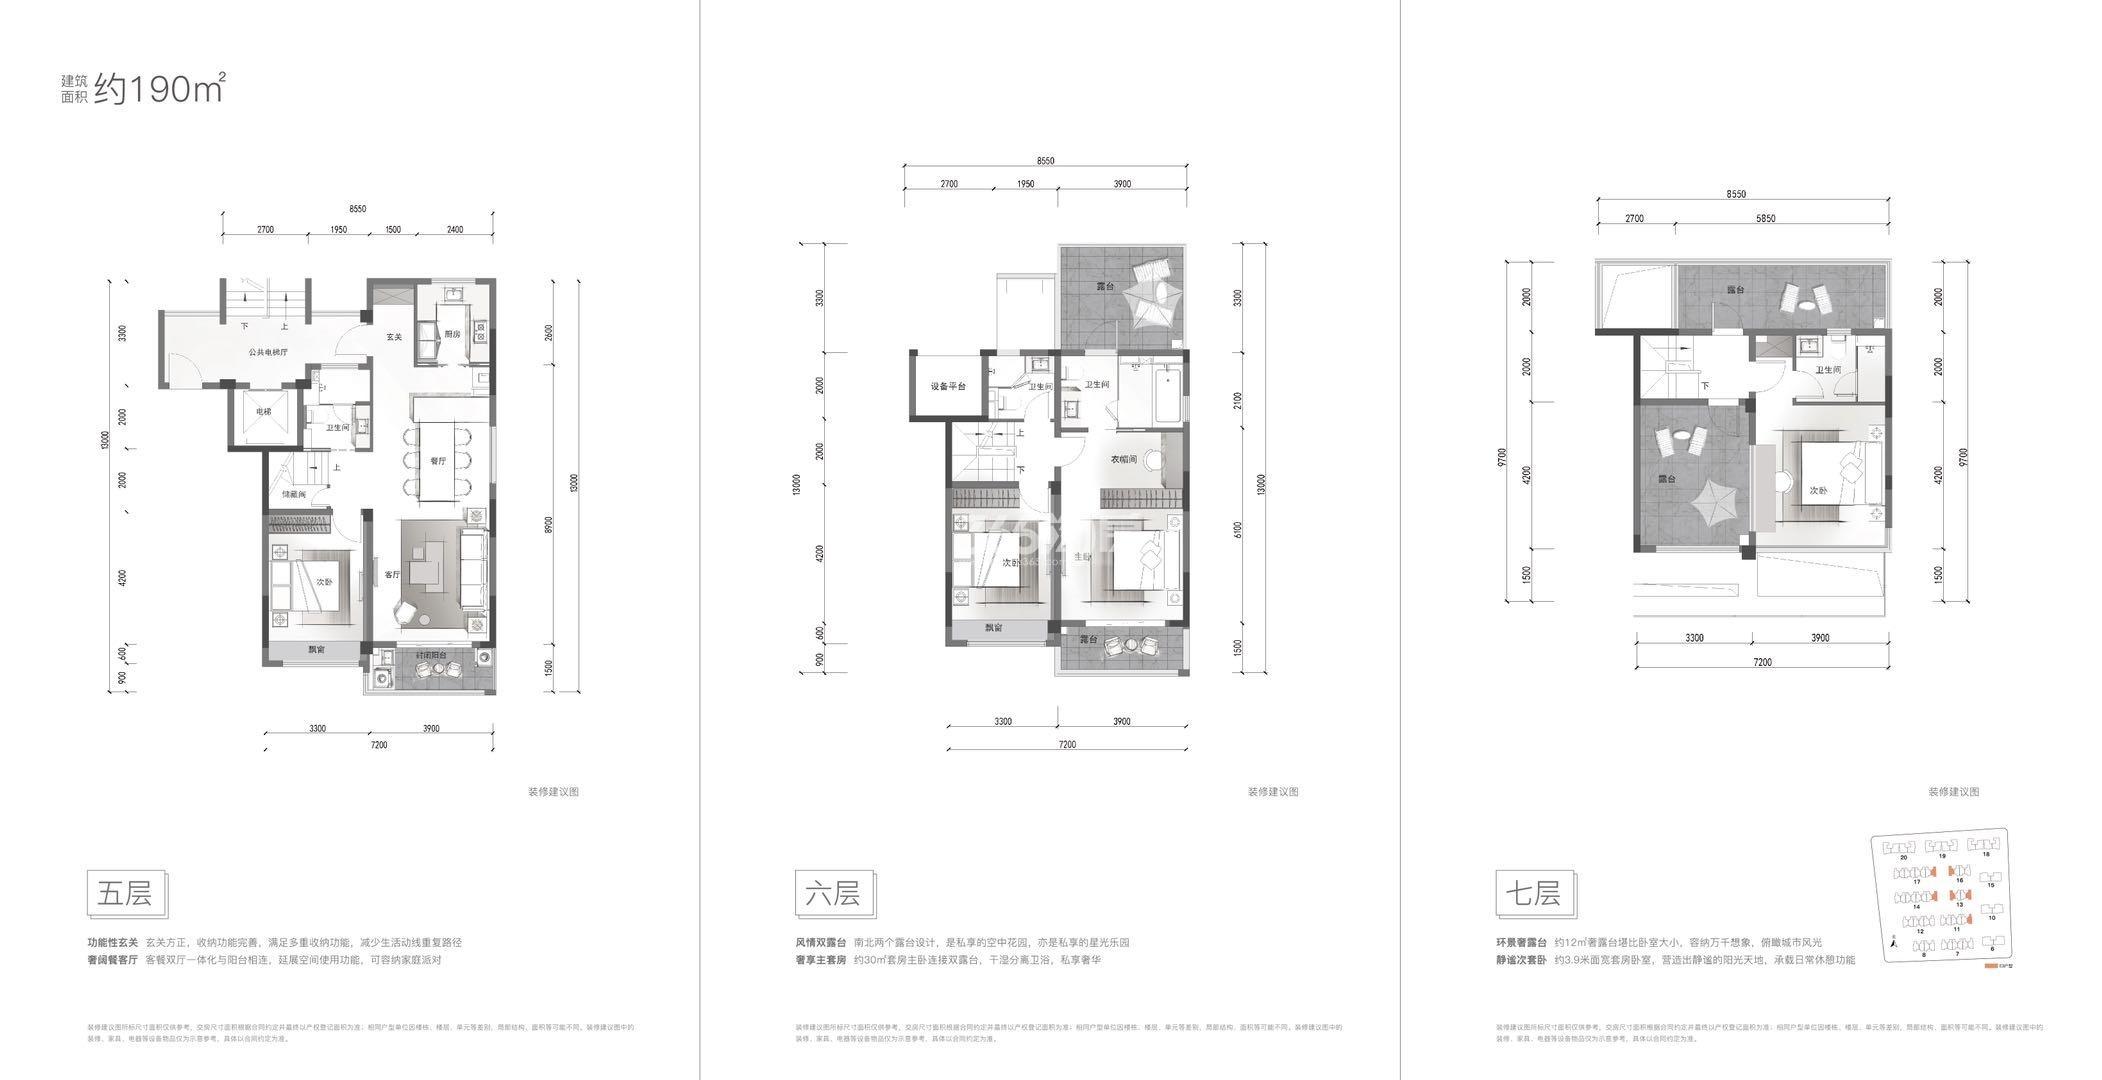 地铁万科未来天空之城一期盖下住宅11、13、14、16、17号楼上叠云端户型 约190㎡